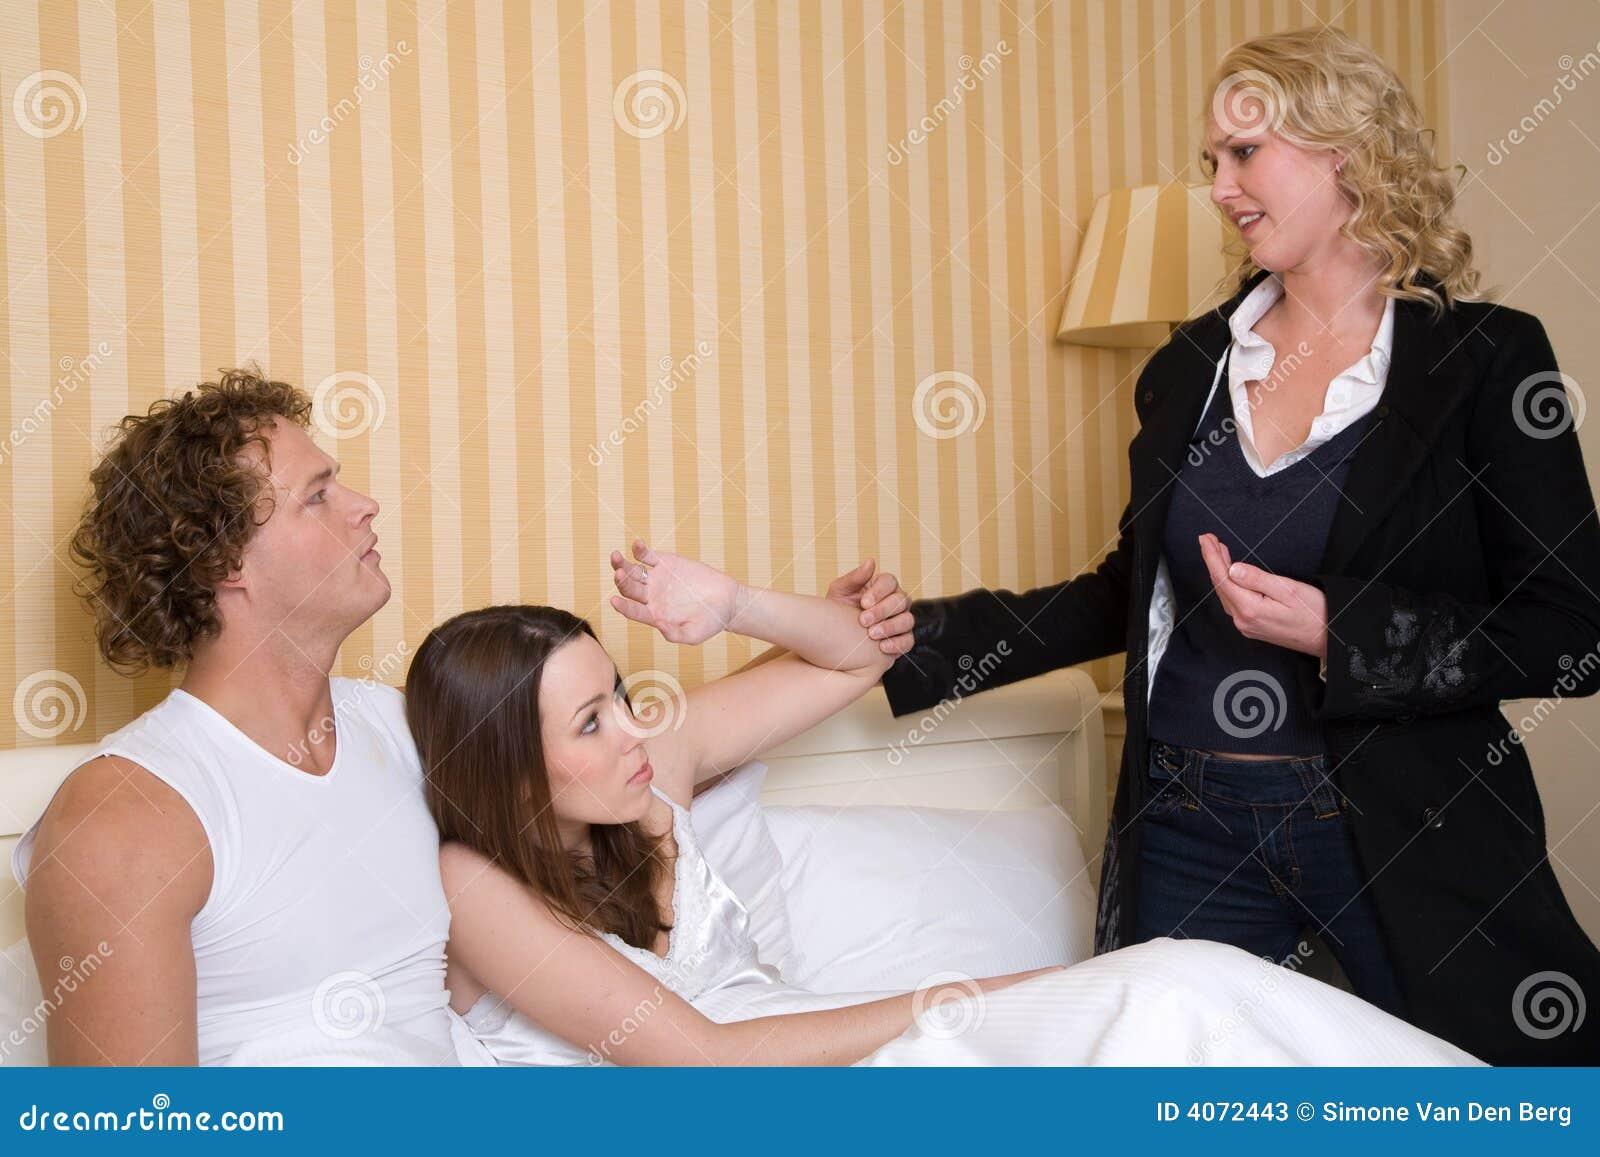 Трахаю жену с любовником, Любовник ебет мою жену -видео. Смотреть 34 фотография